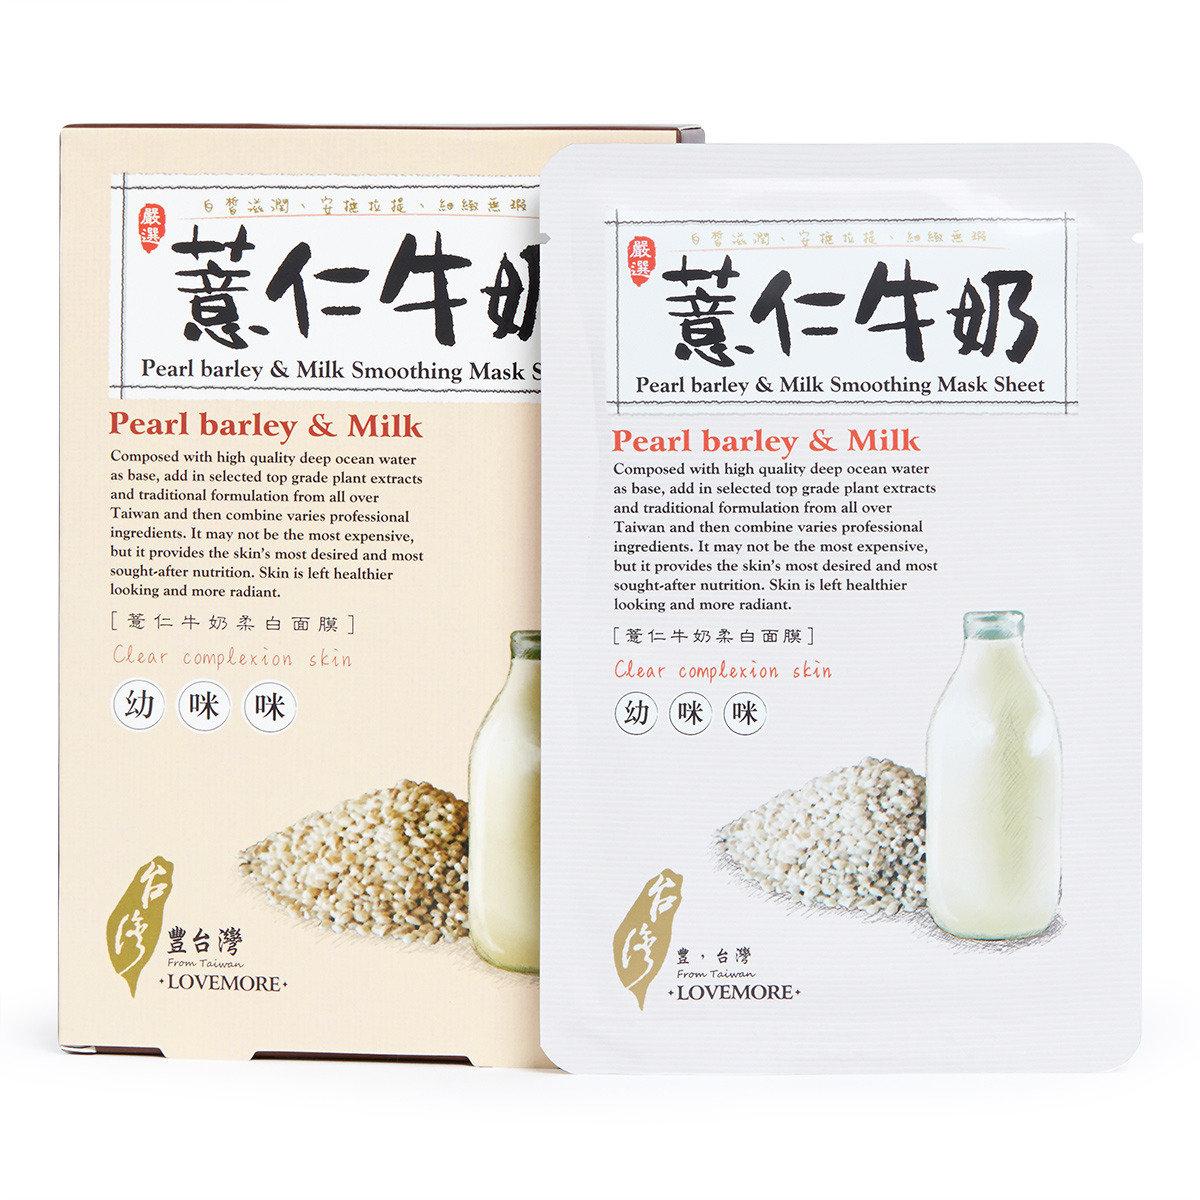 薏仁牛奶面膜 (5片)